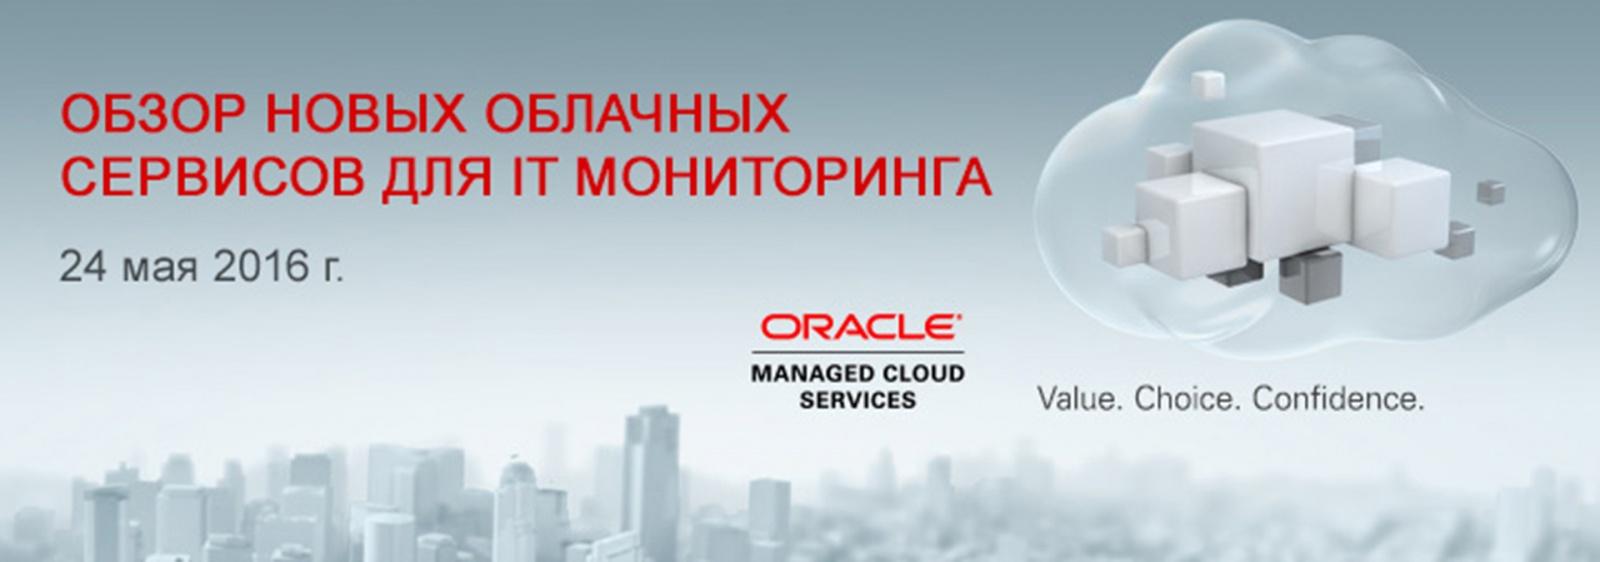 Приглашение на веб-семинар Oracle «Обзор новых облачных сервисов для IT-мониторинга» - 1